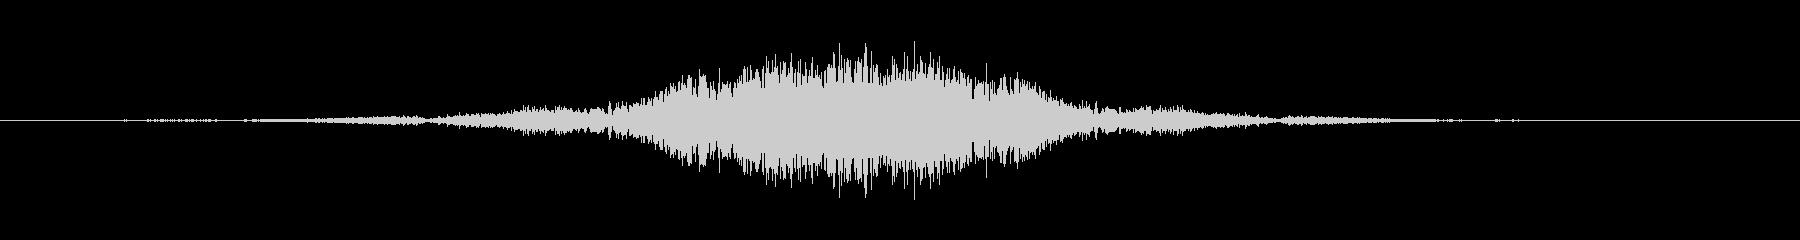 ホイッピングスパイラルフーズリワインド2の未再生の波形